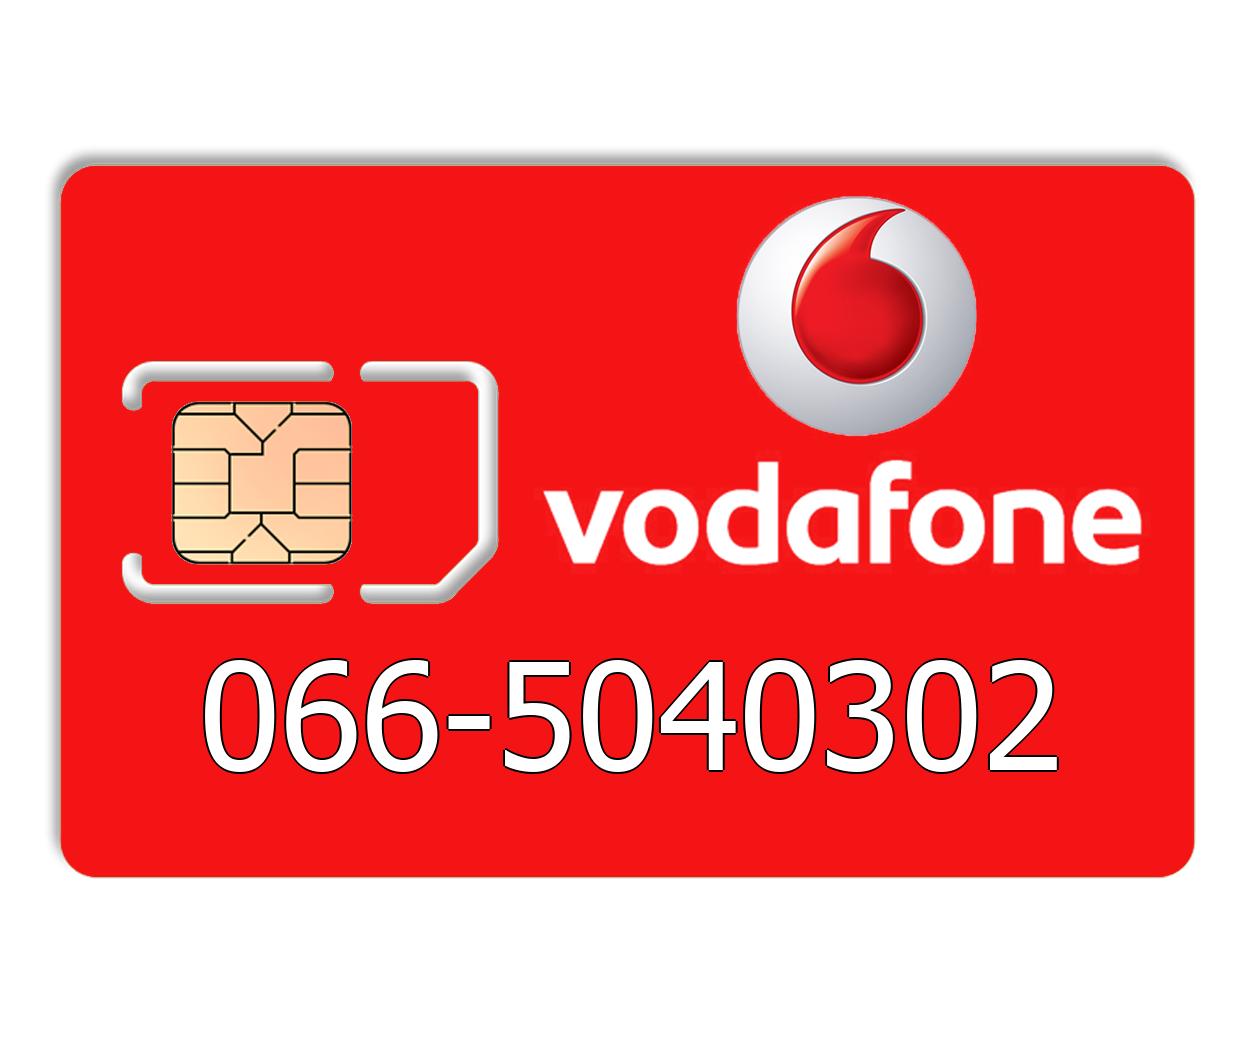 Красивый номер Vodafone 066-5040302